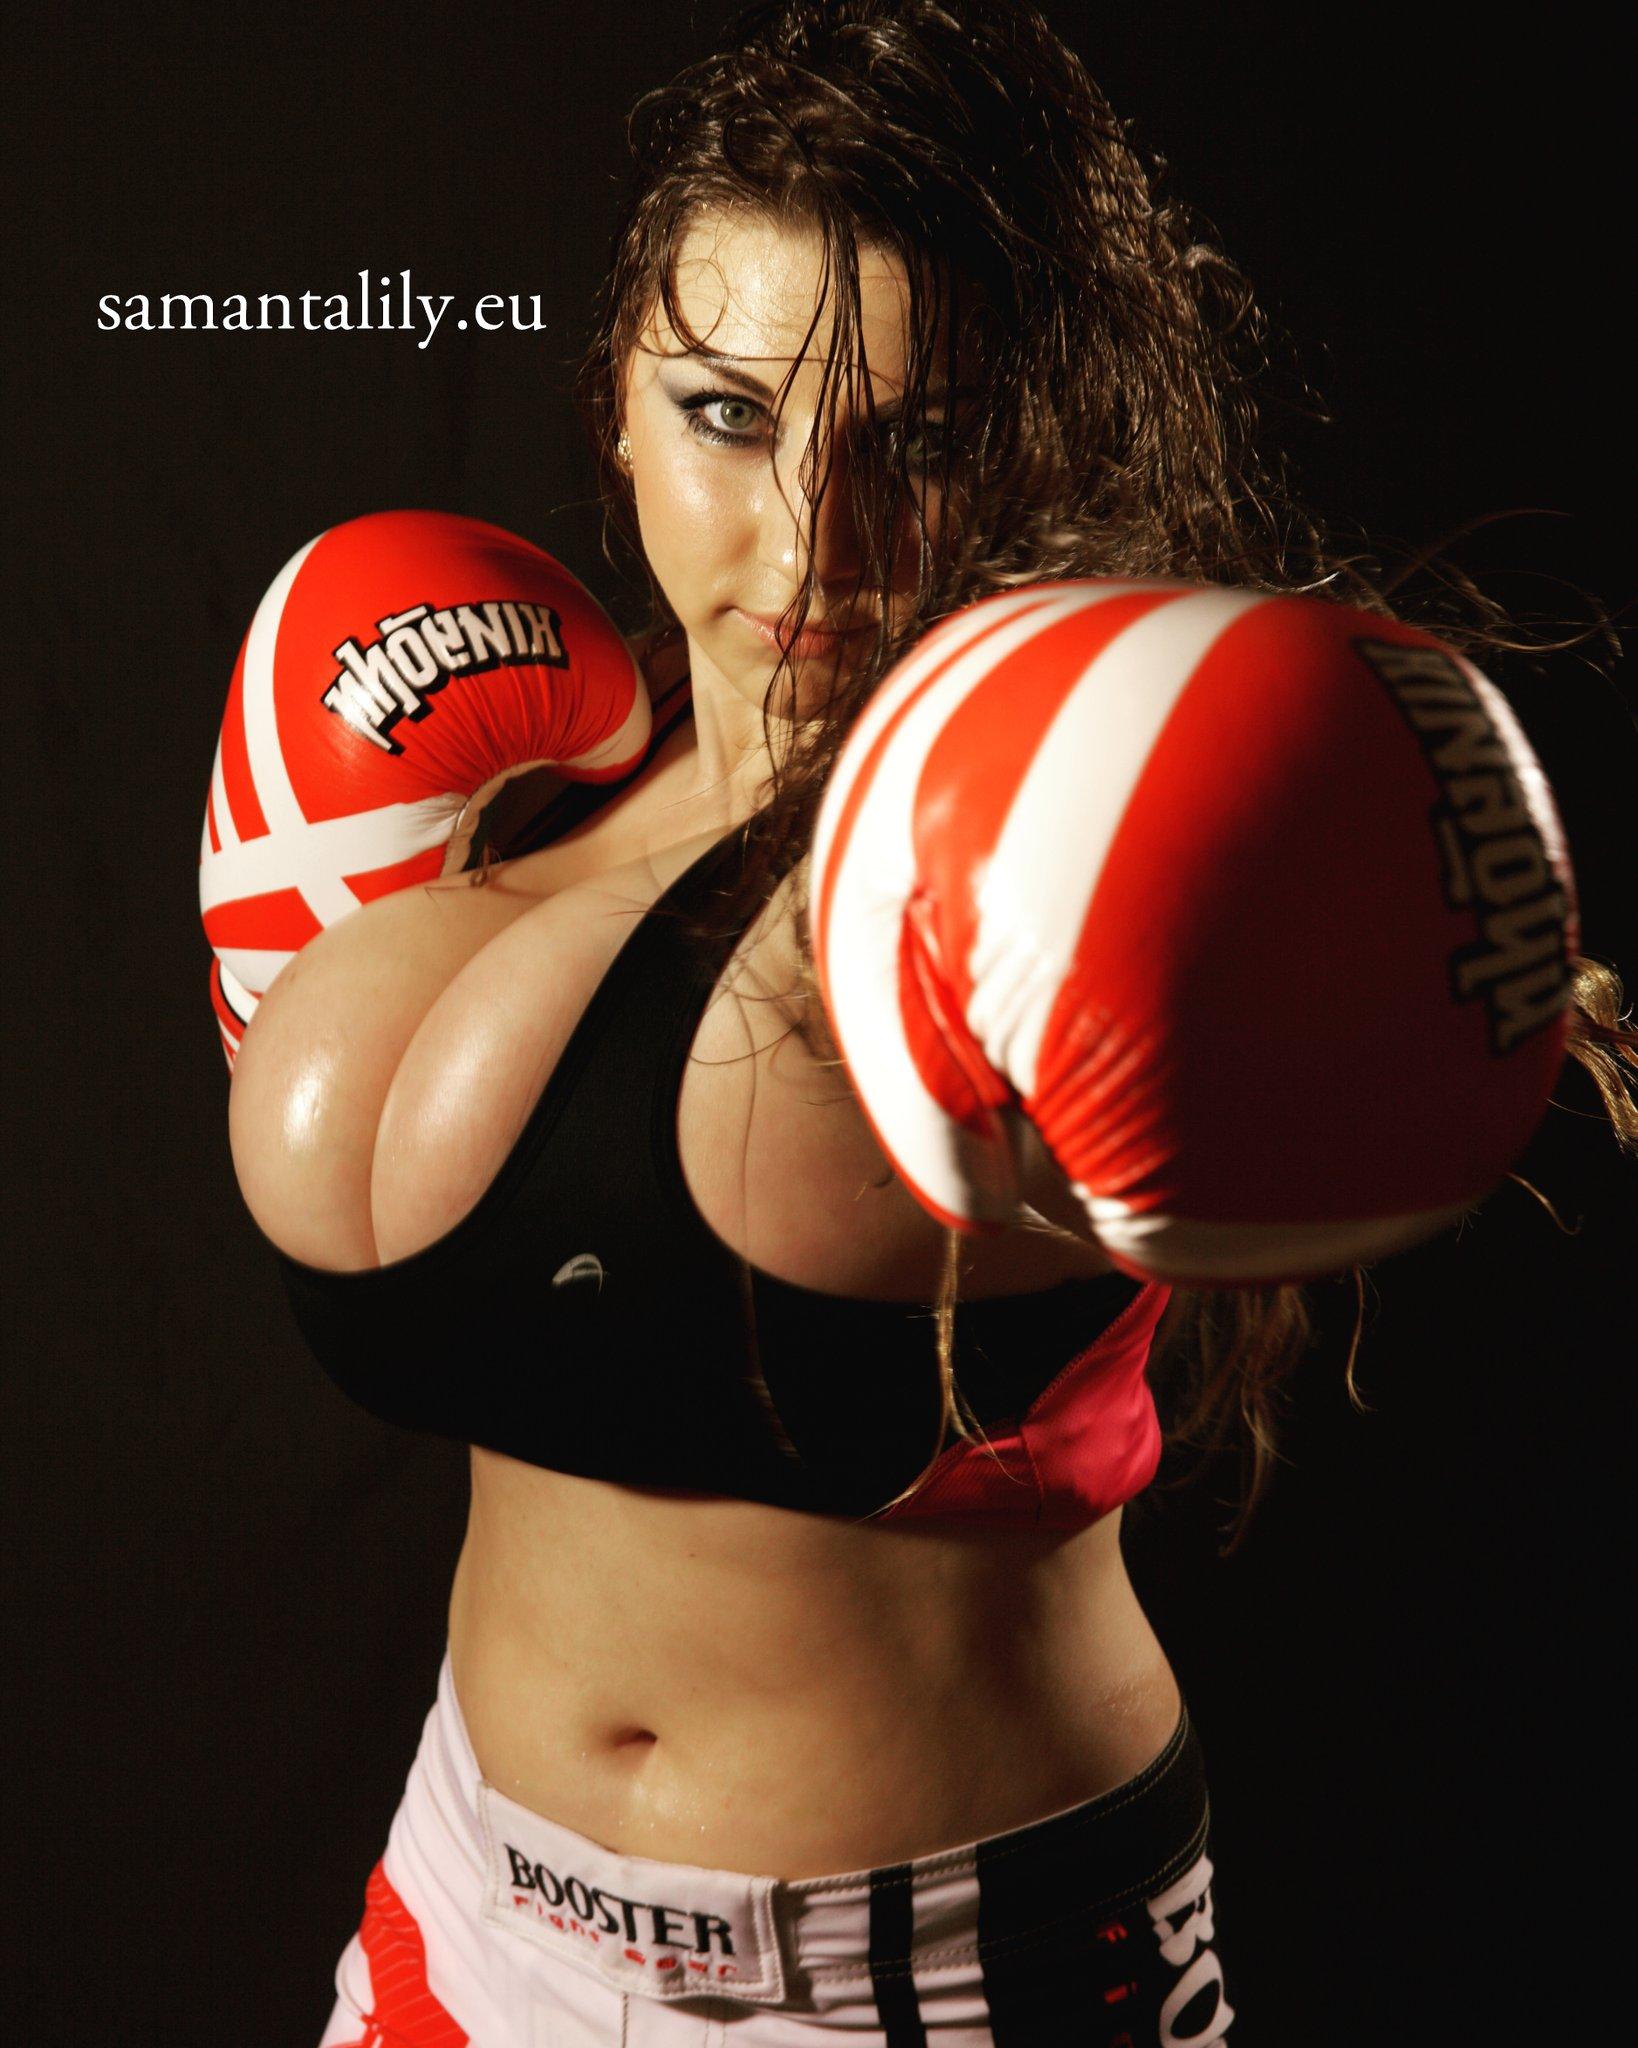 Samanta lily boxing